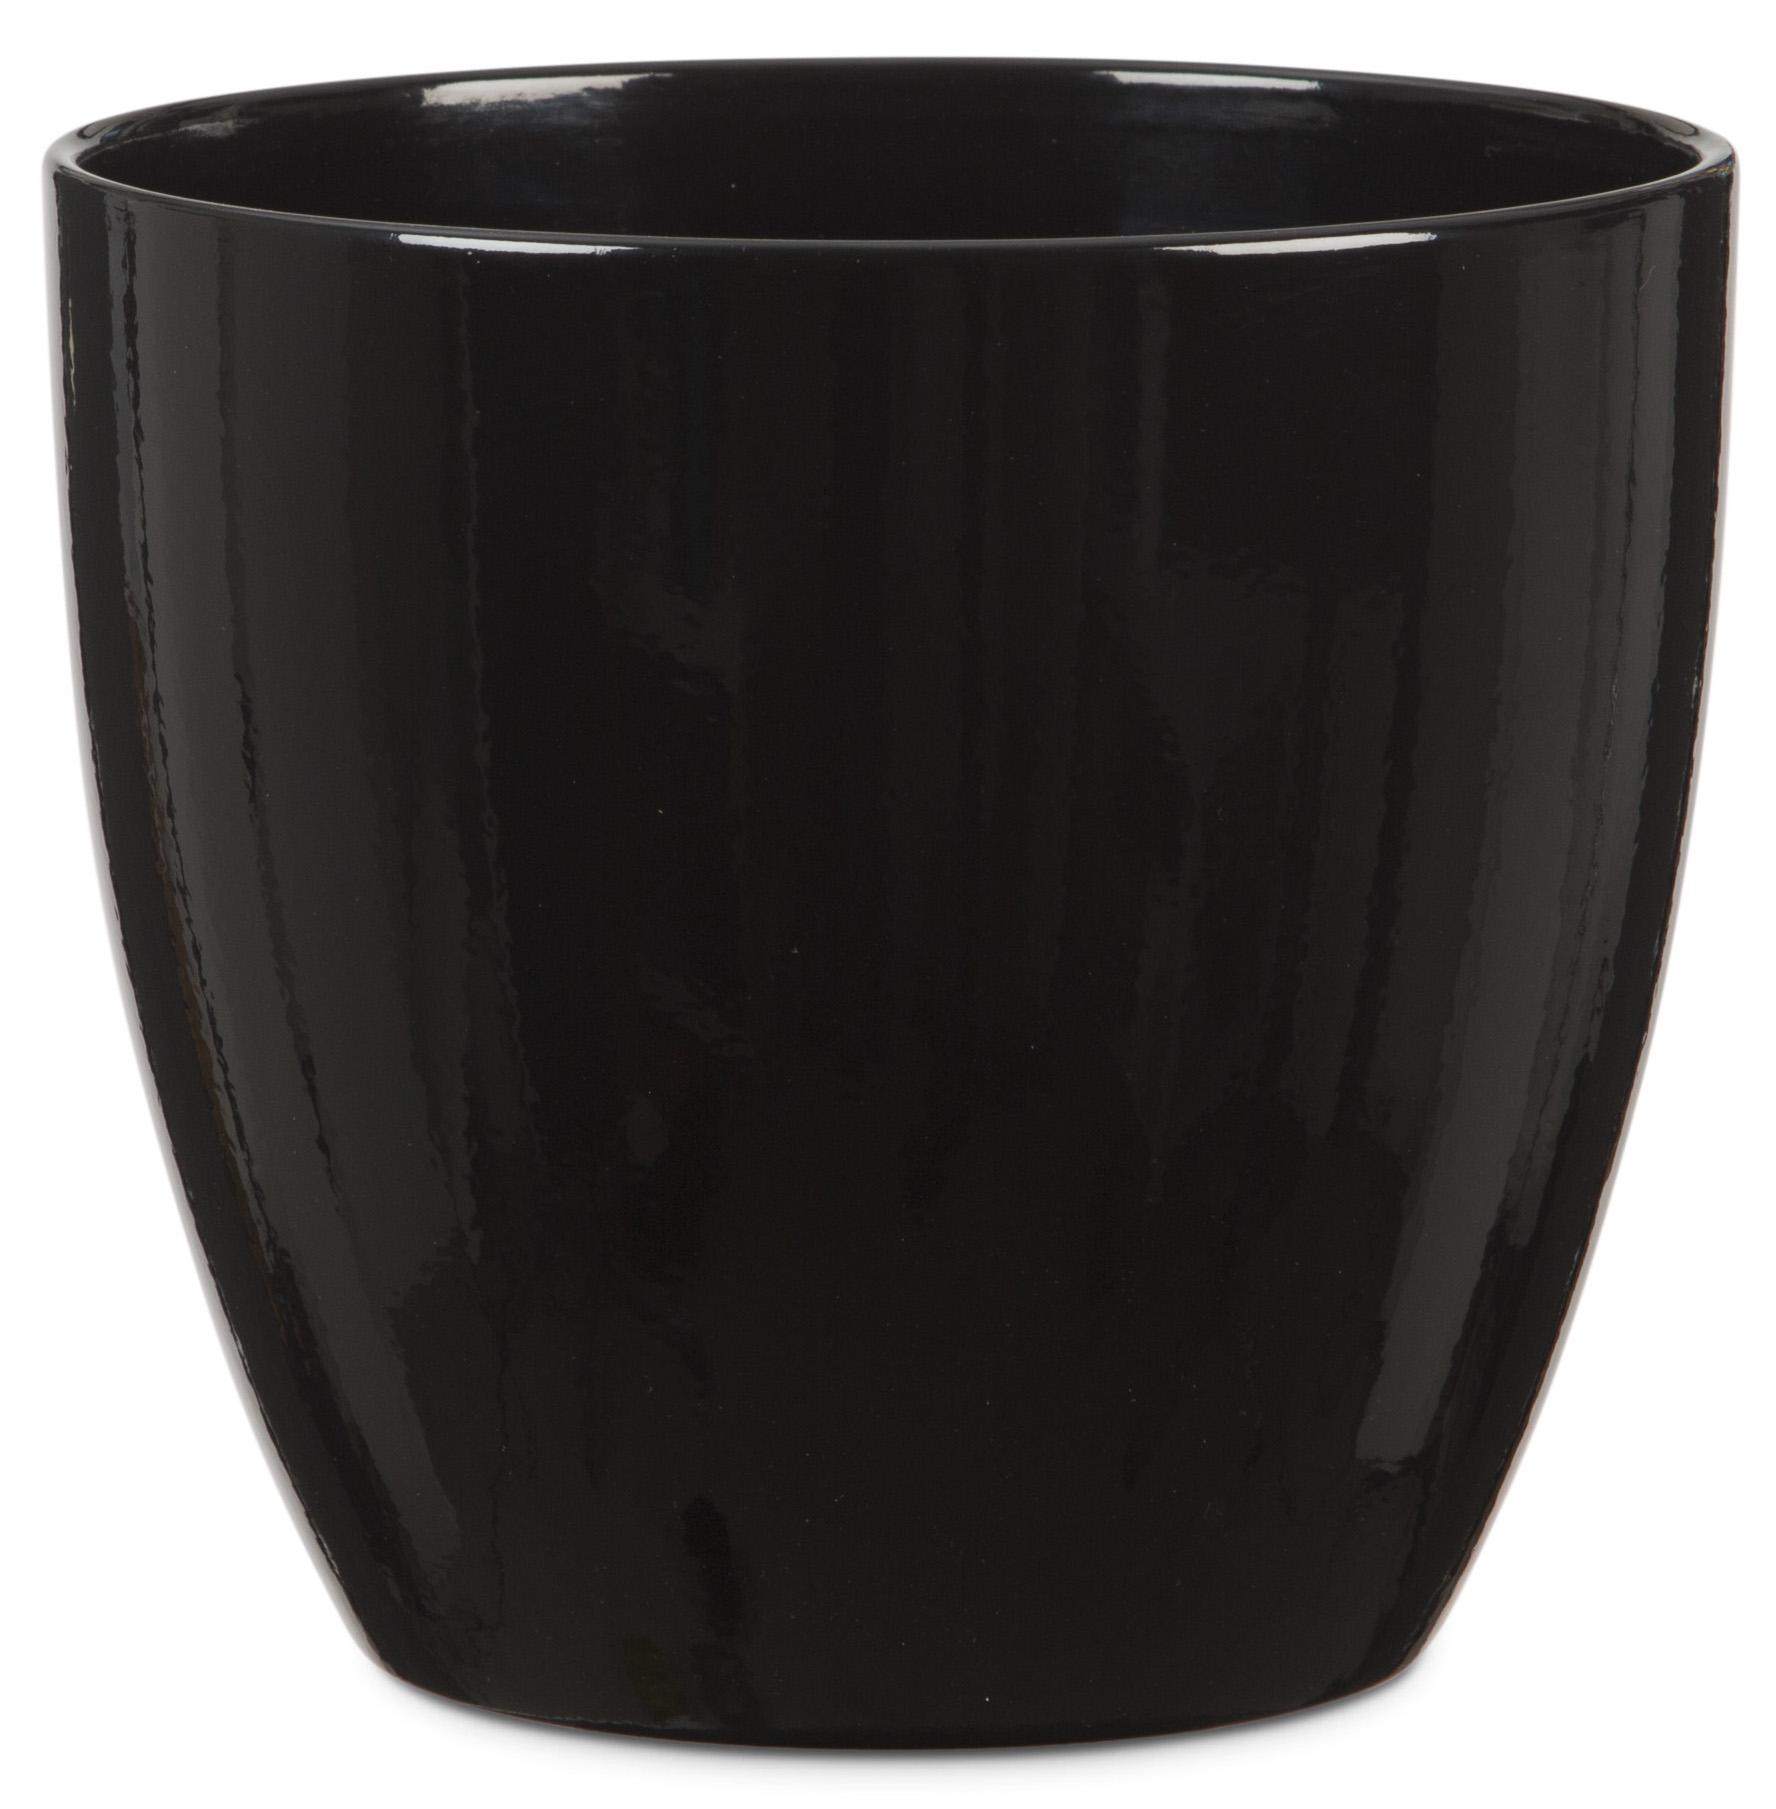 Duża Osłonka Ceramiczna 920 Schwarz Glazed Czarny Połysk 33